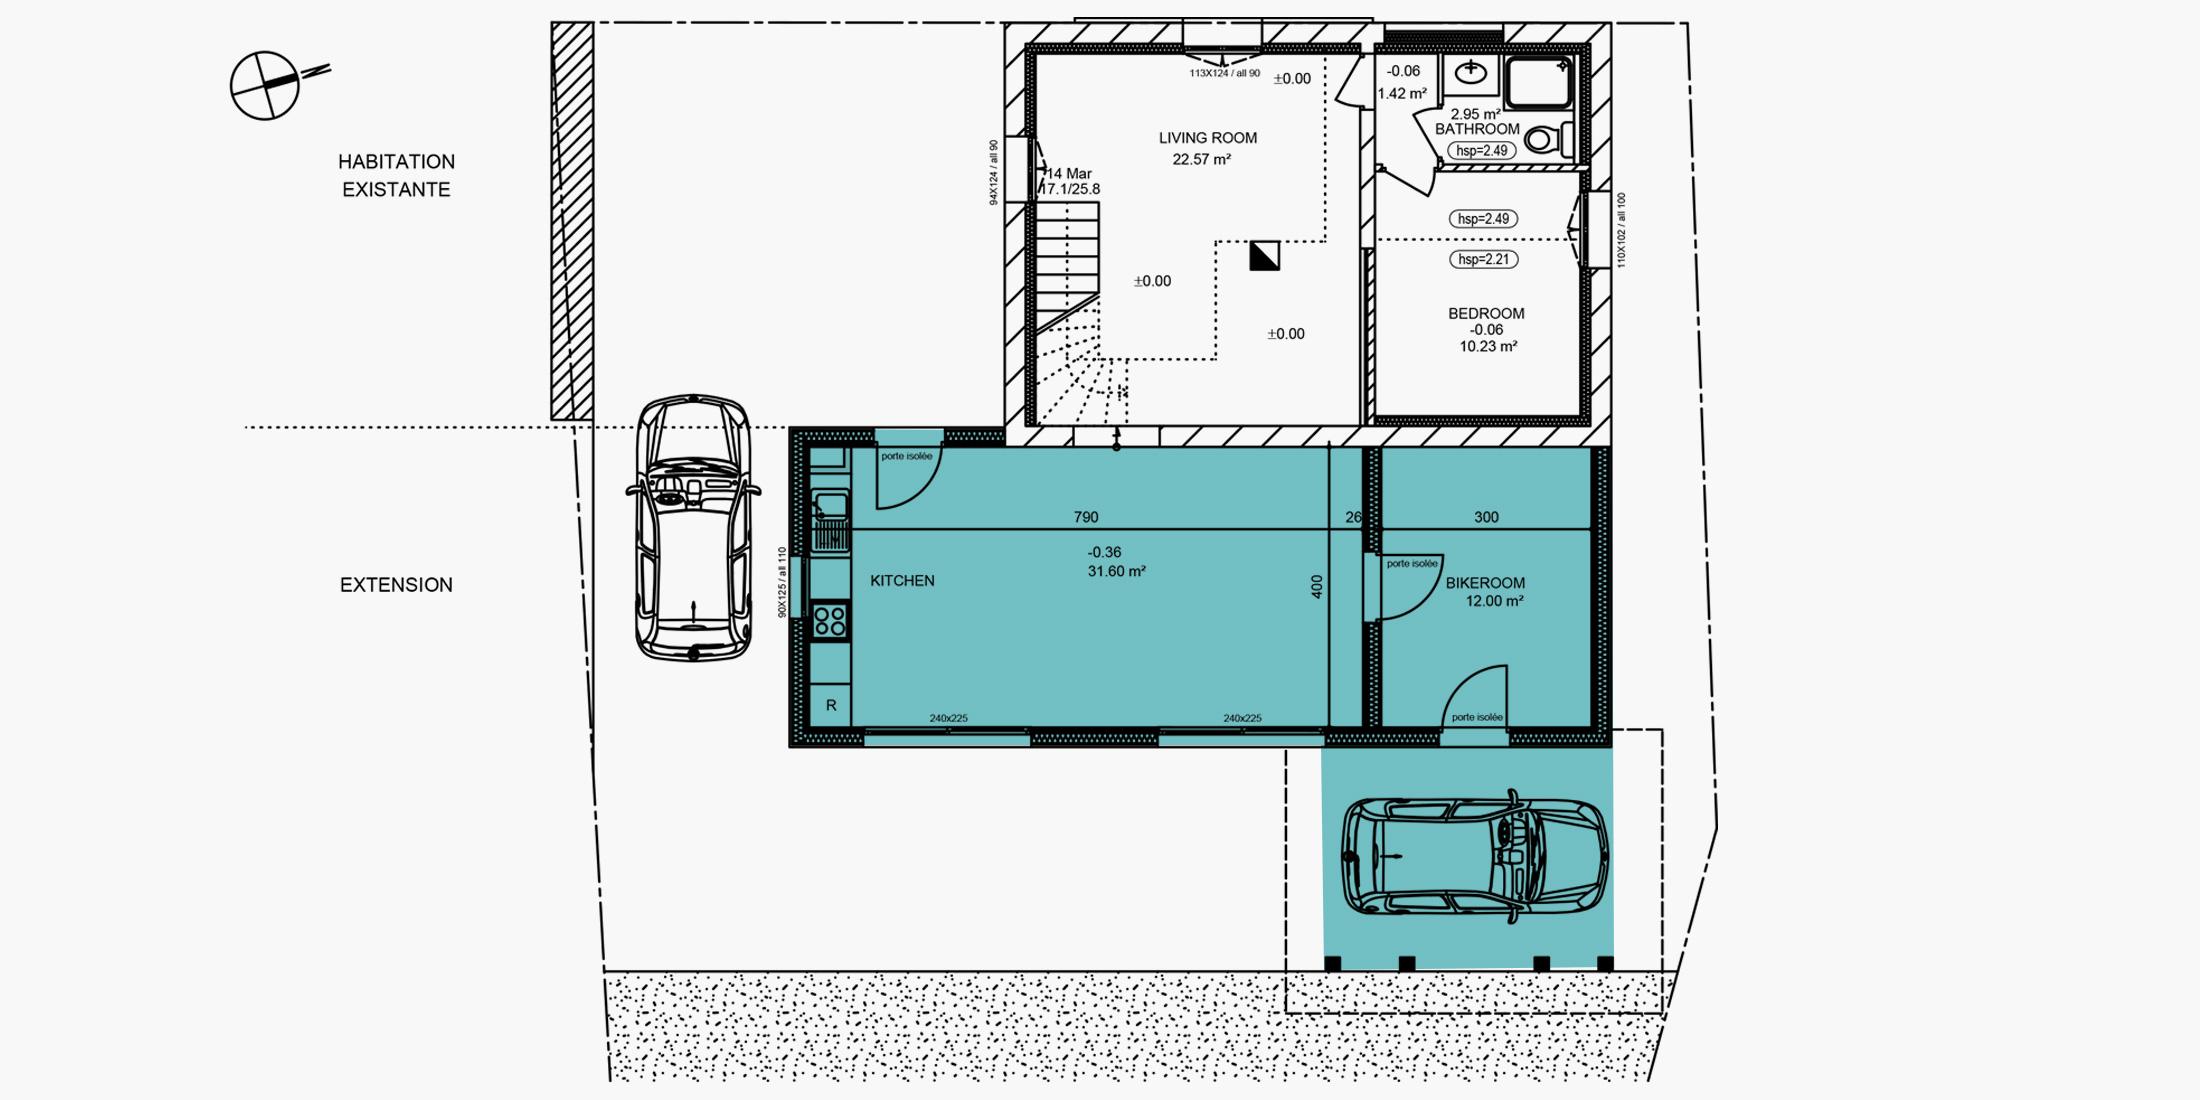 Plan pour construction abri voiture  Annecy, Chambéry, Aix-les-Bains, Rumilly - Savoie Plan